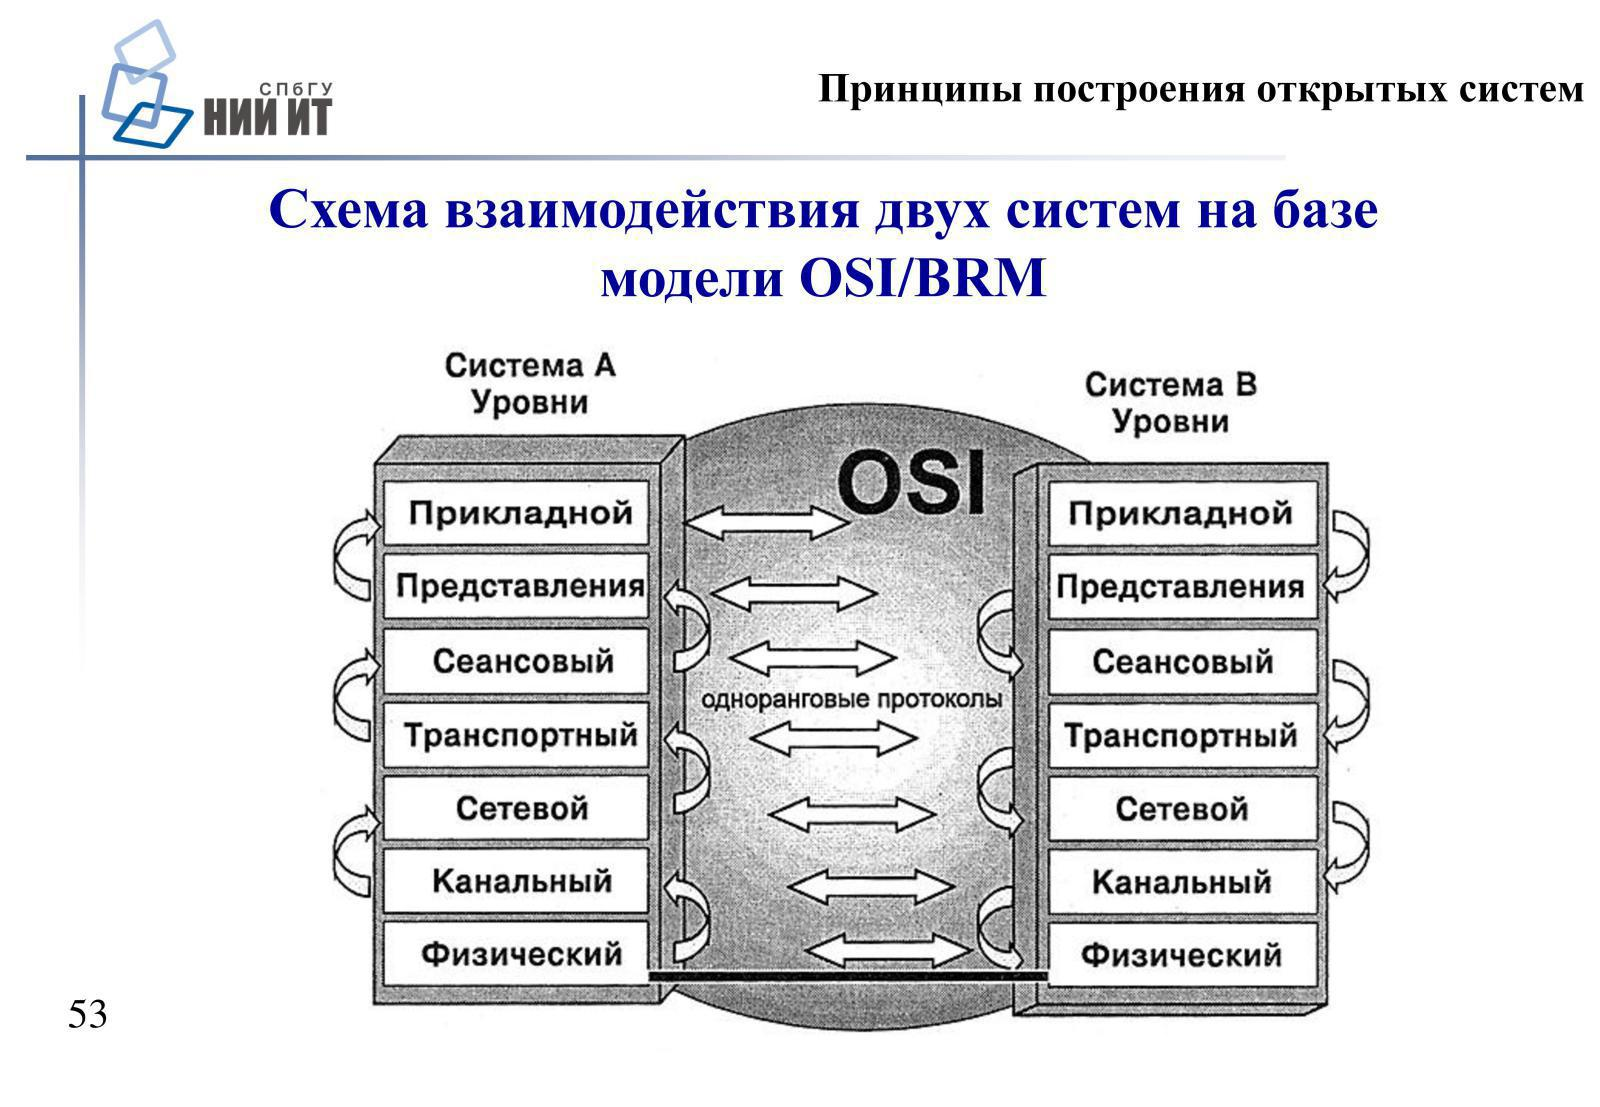 Схема взаимодействия открытых систем